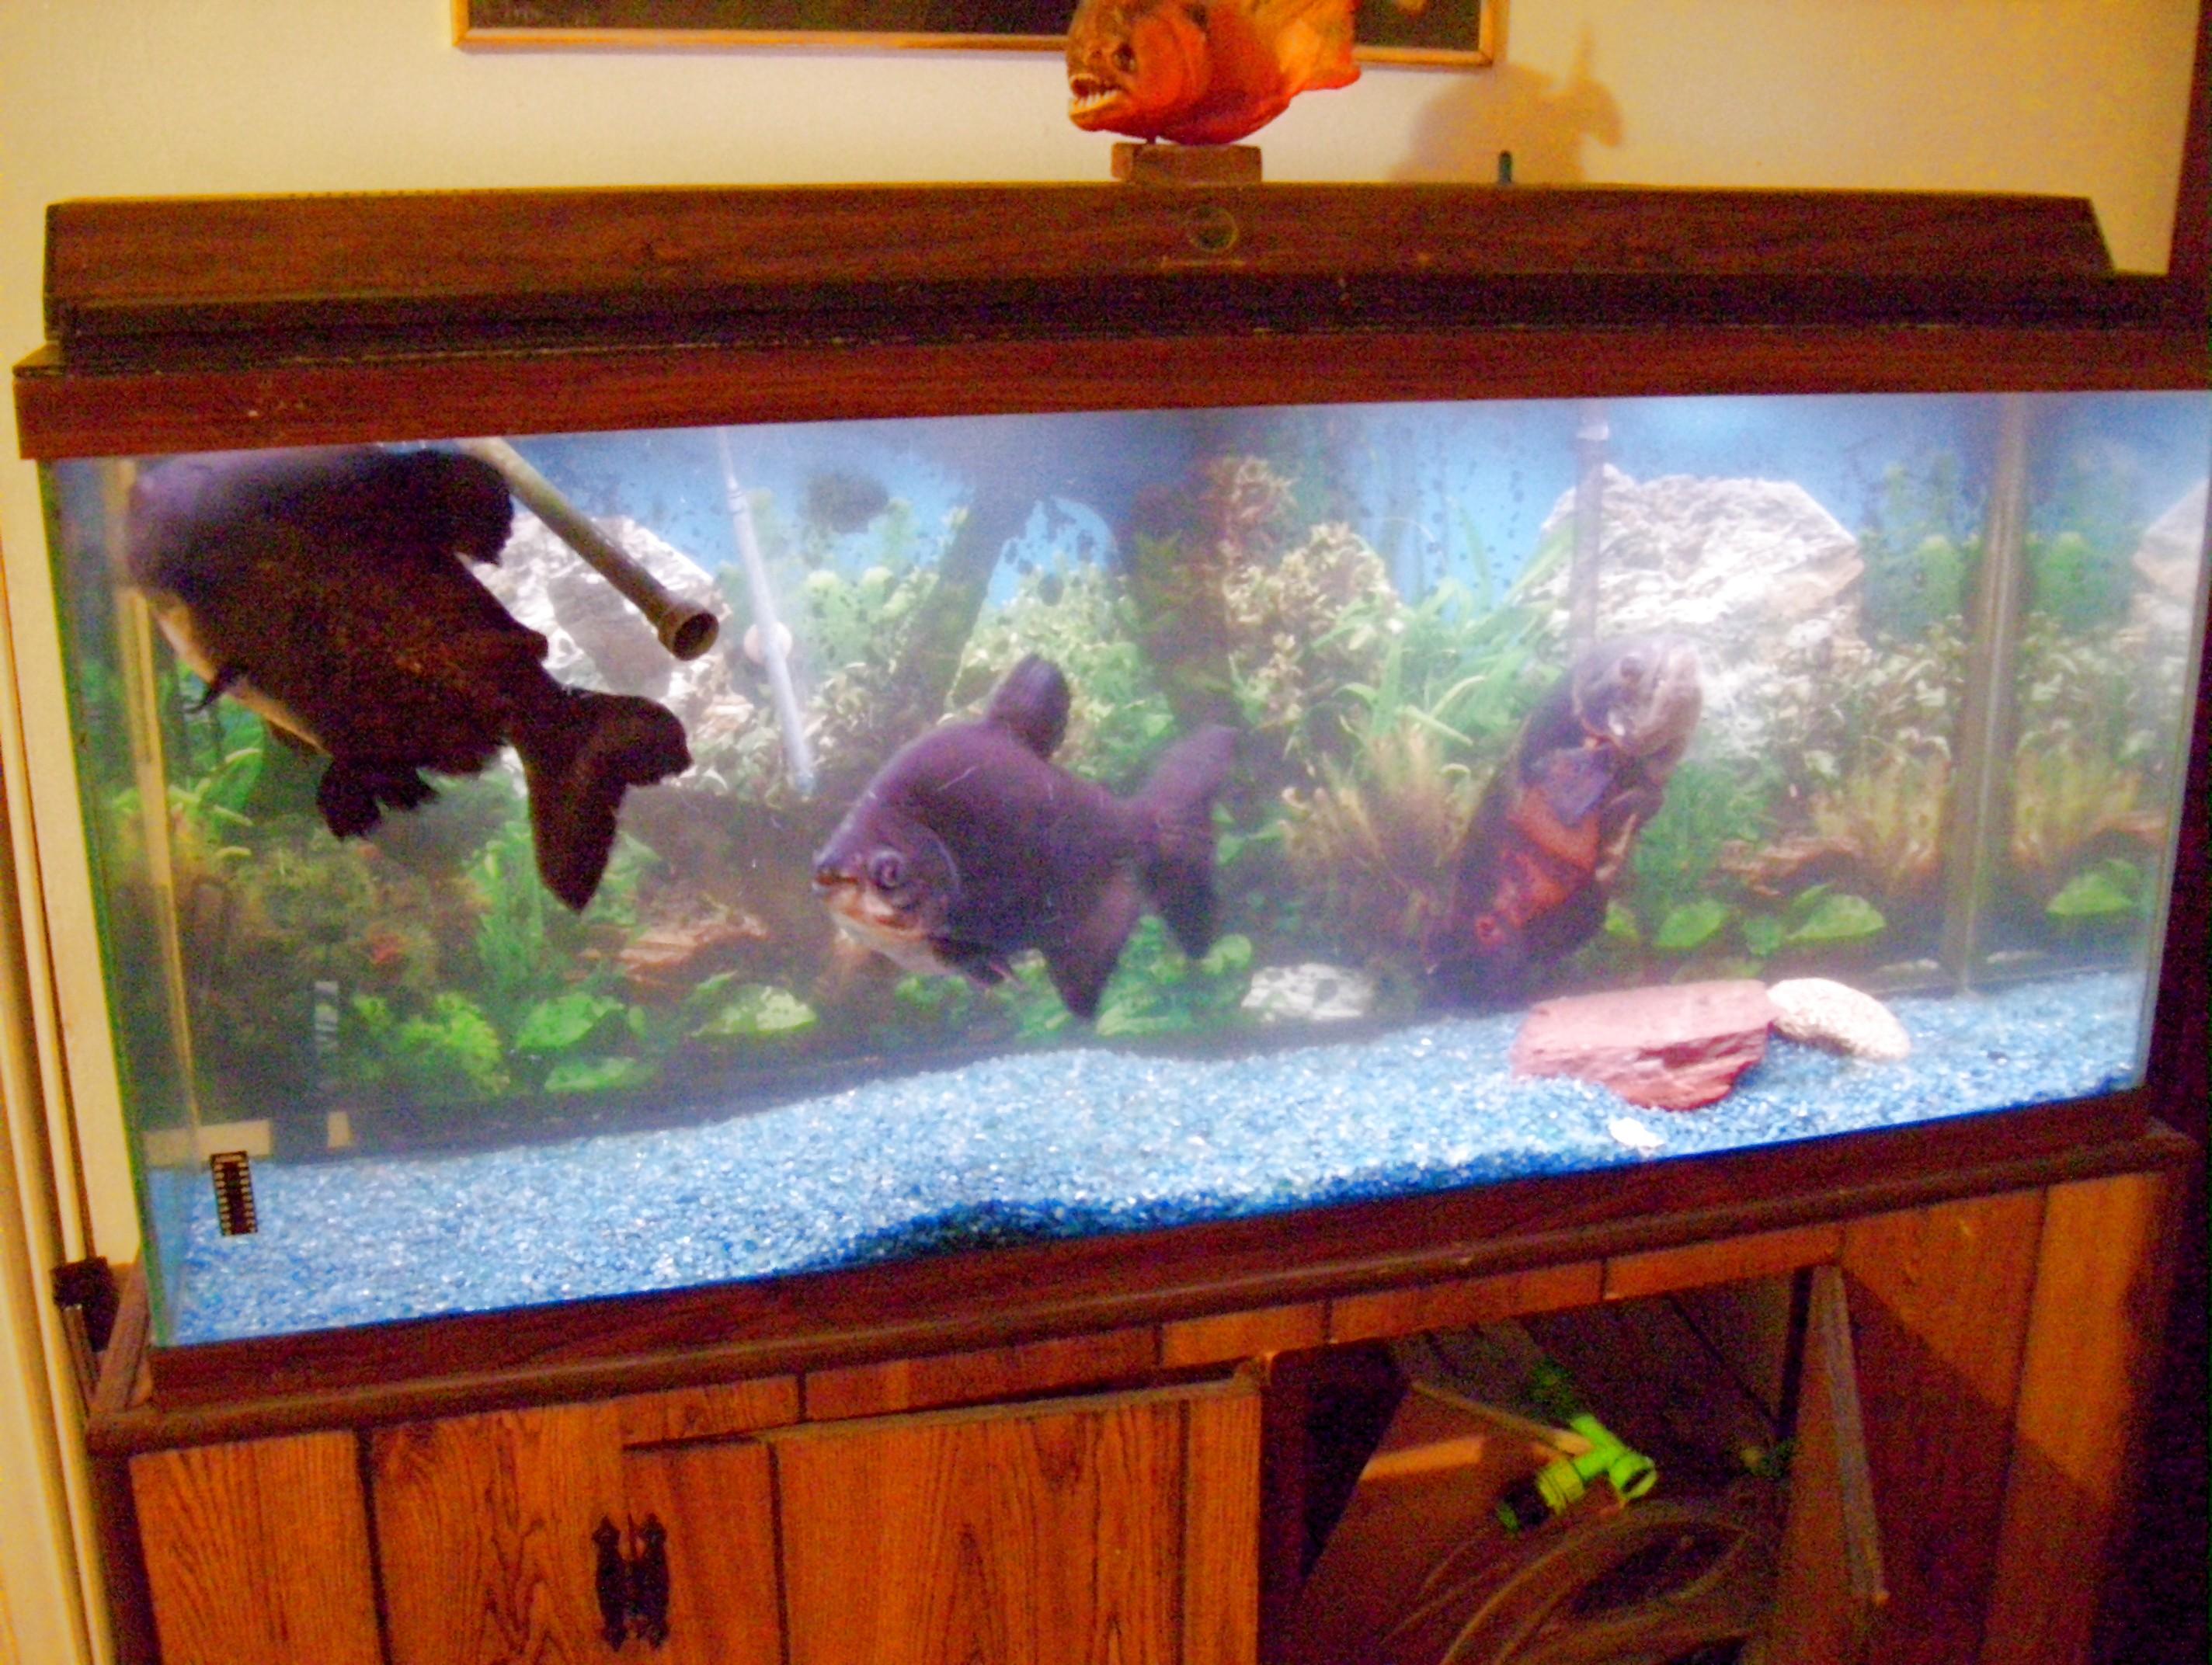 40 Gallon Glass Aquarium 1000 Aquarium Ideas